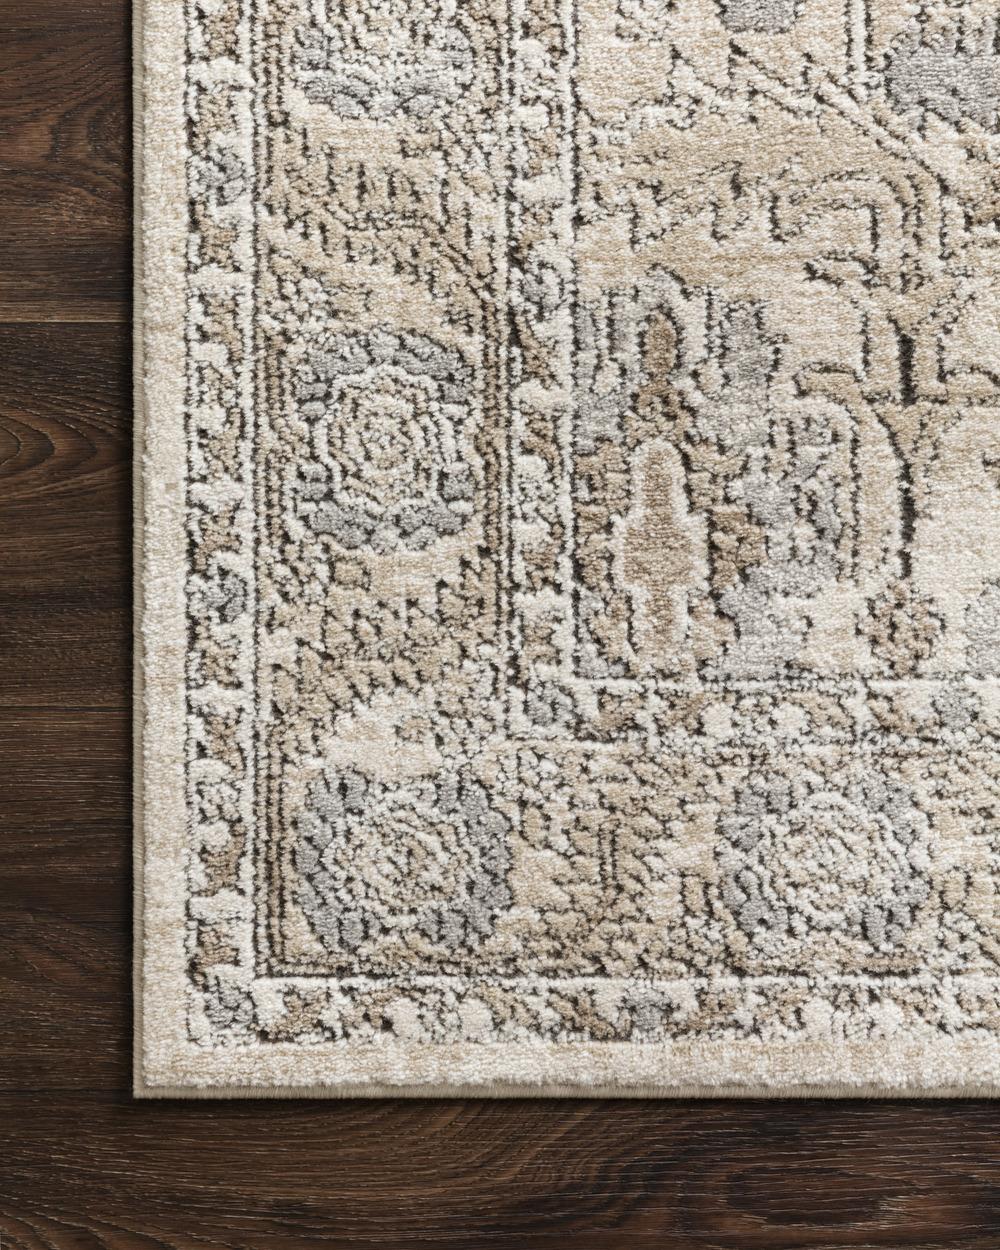 Loloi Rugs - Teagan Rug (Ivory/Sand)